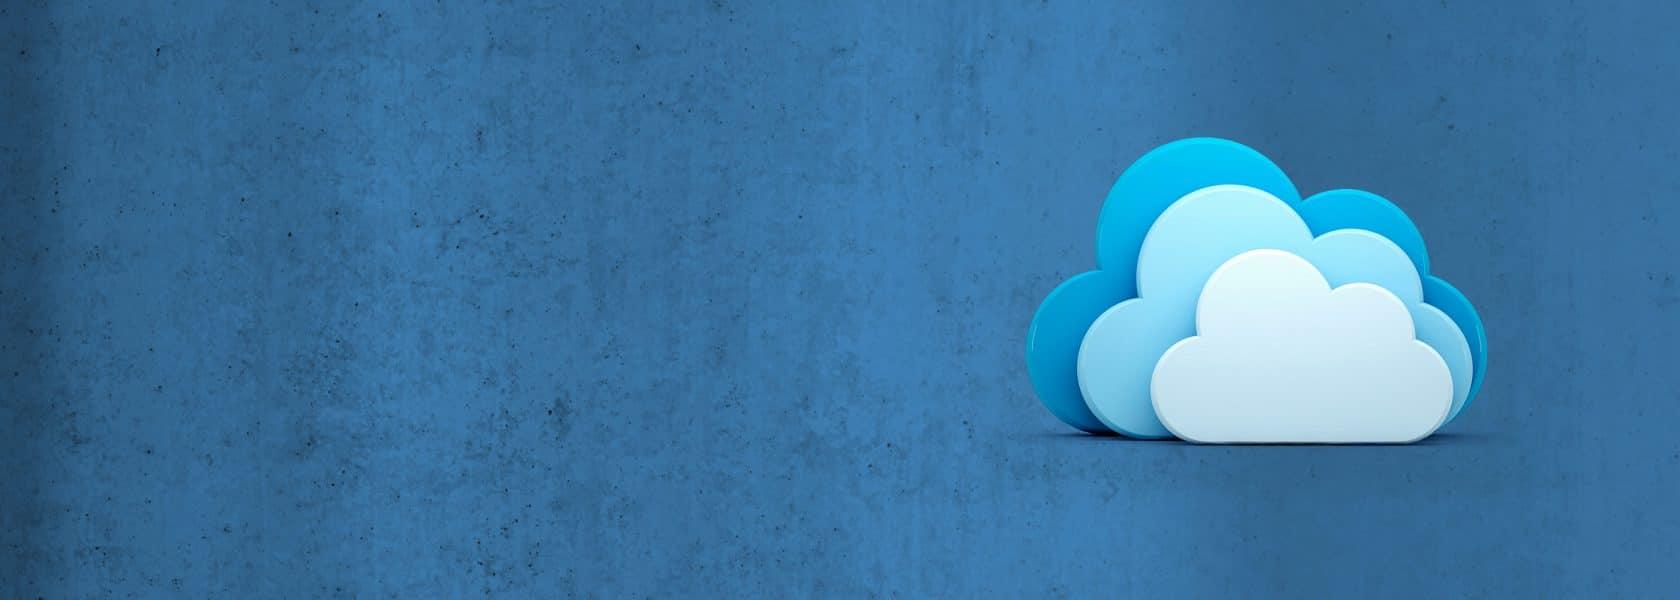 cloudoplosingen van Gflex